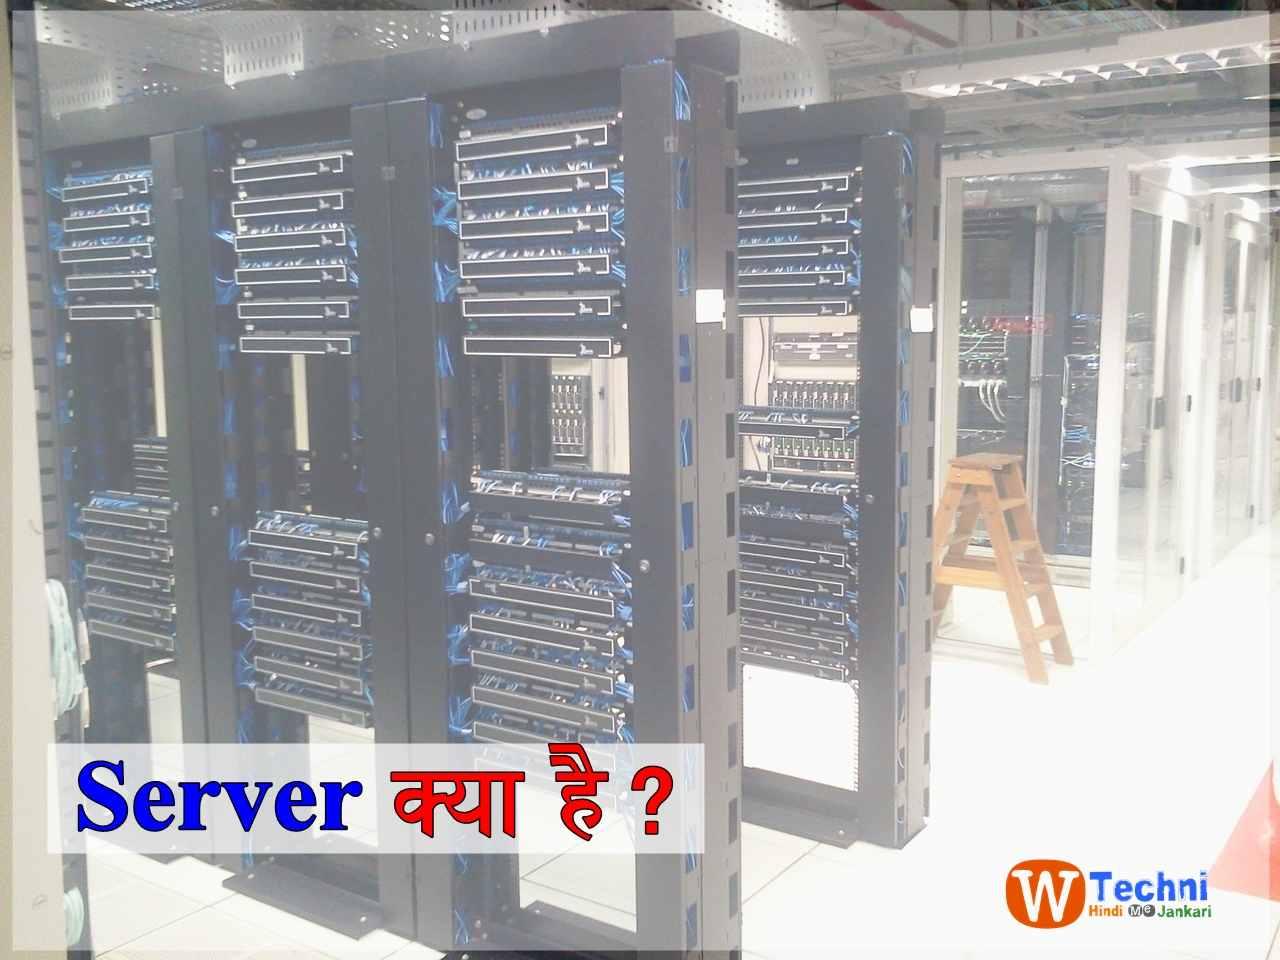 Server kya hai hindi